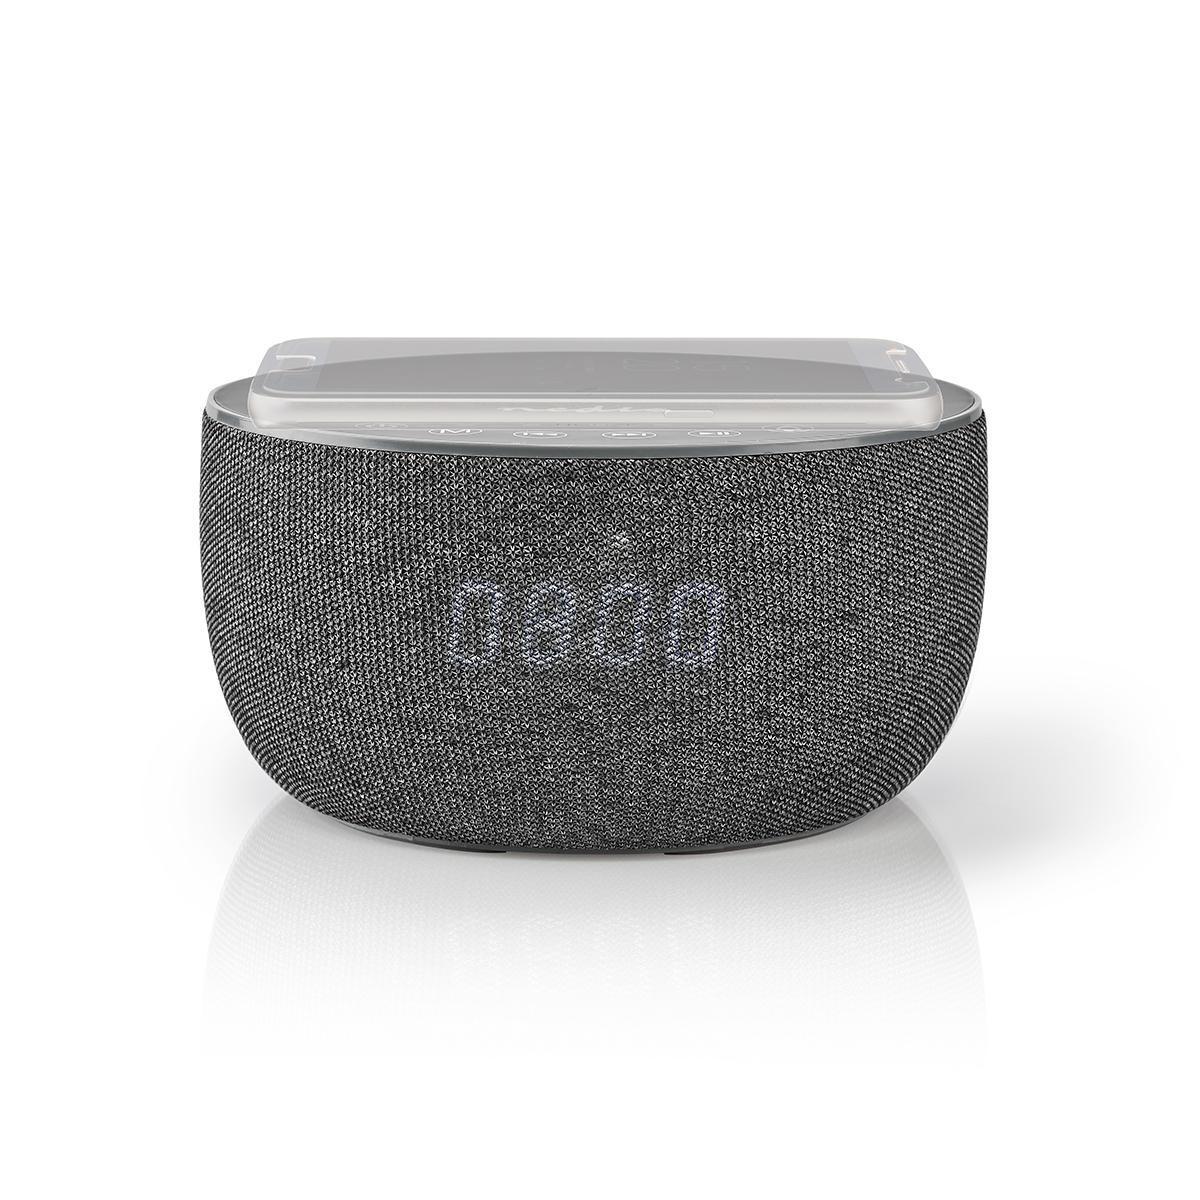 Bluetooth højttaler – Trådløs opladning af smartphones – 6 Timers spilletid | 30 W – Indgygget Ur – Grå